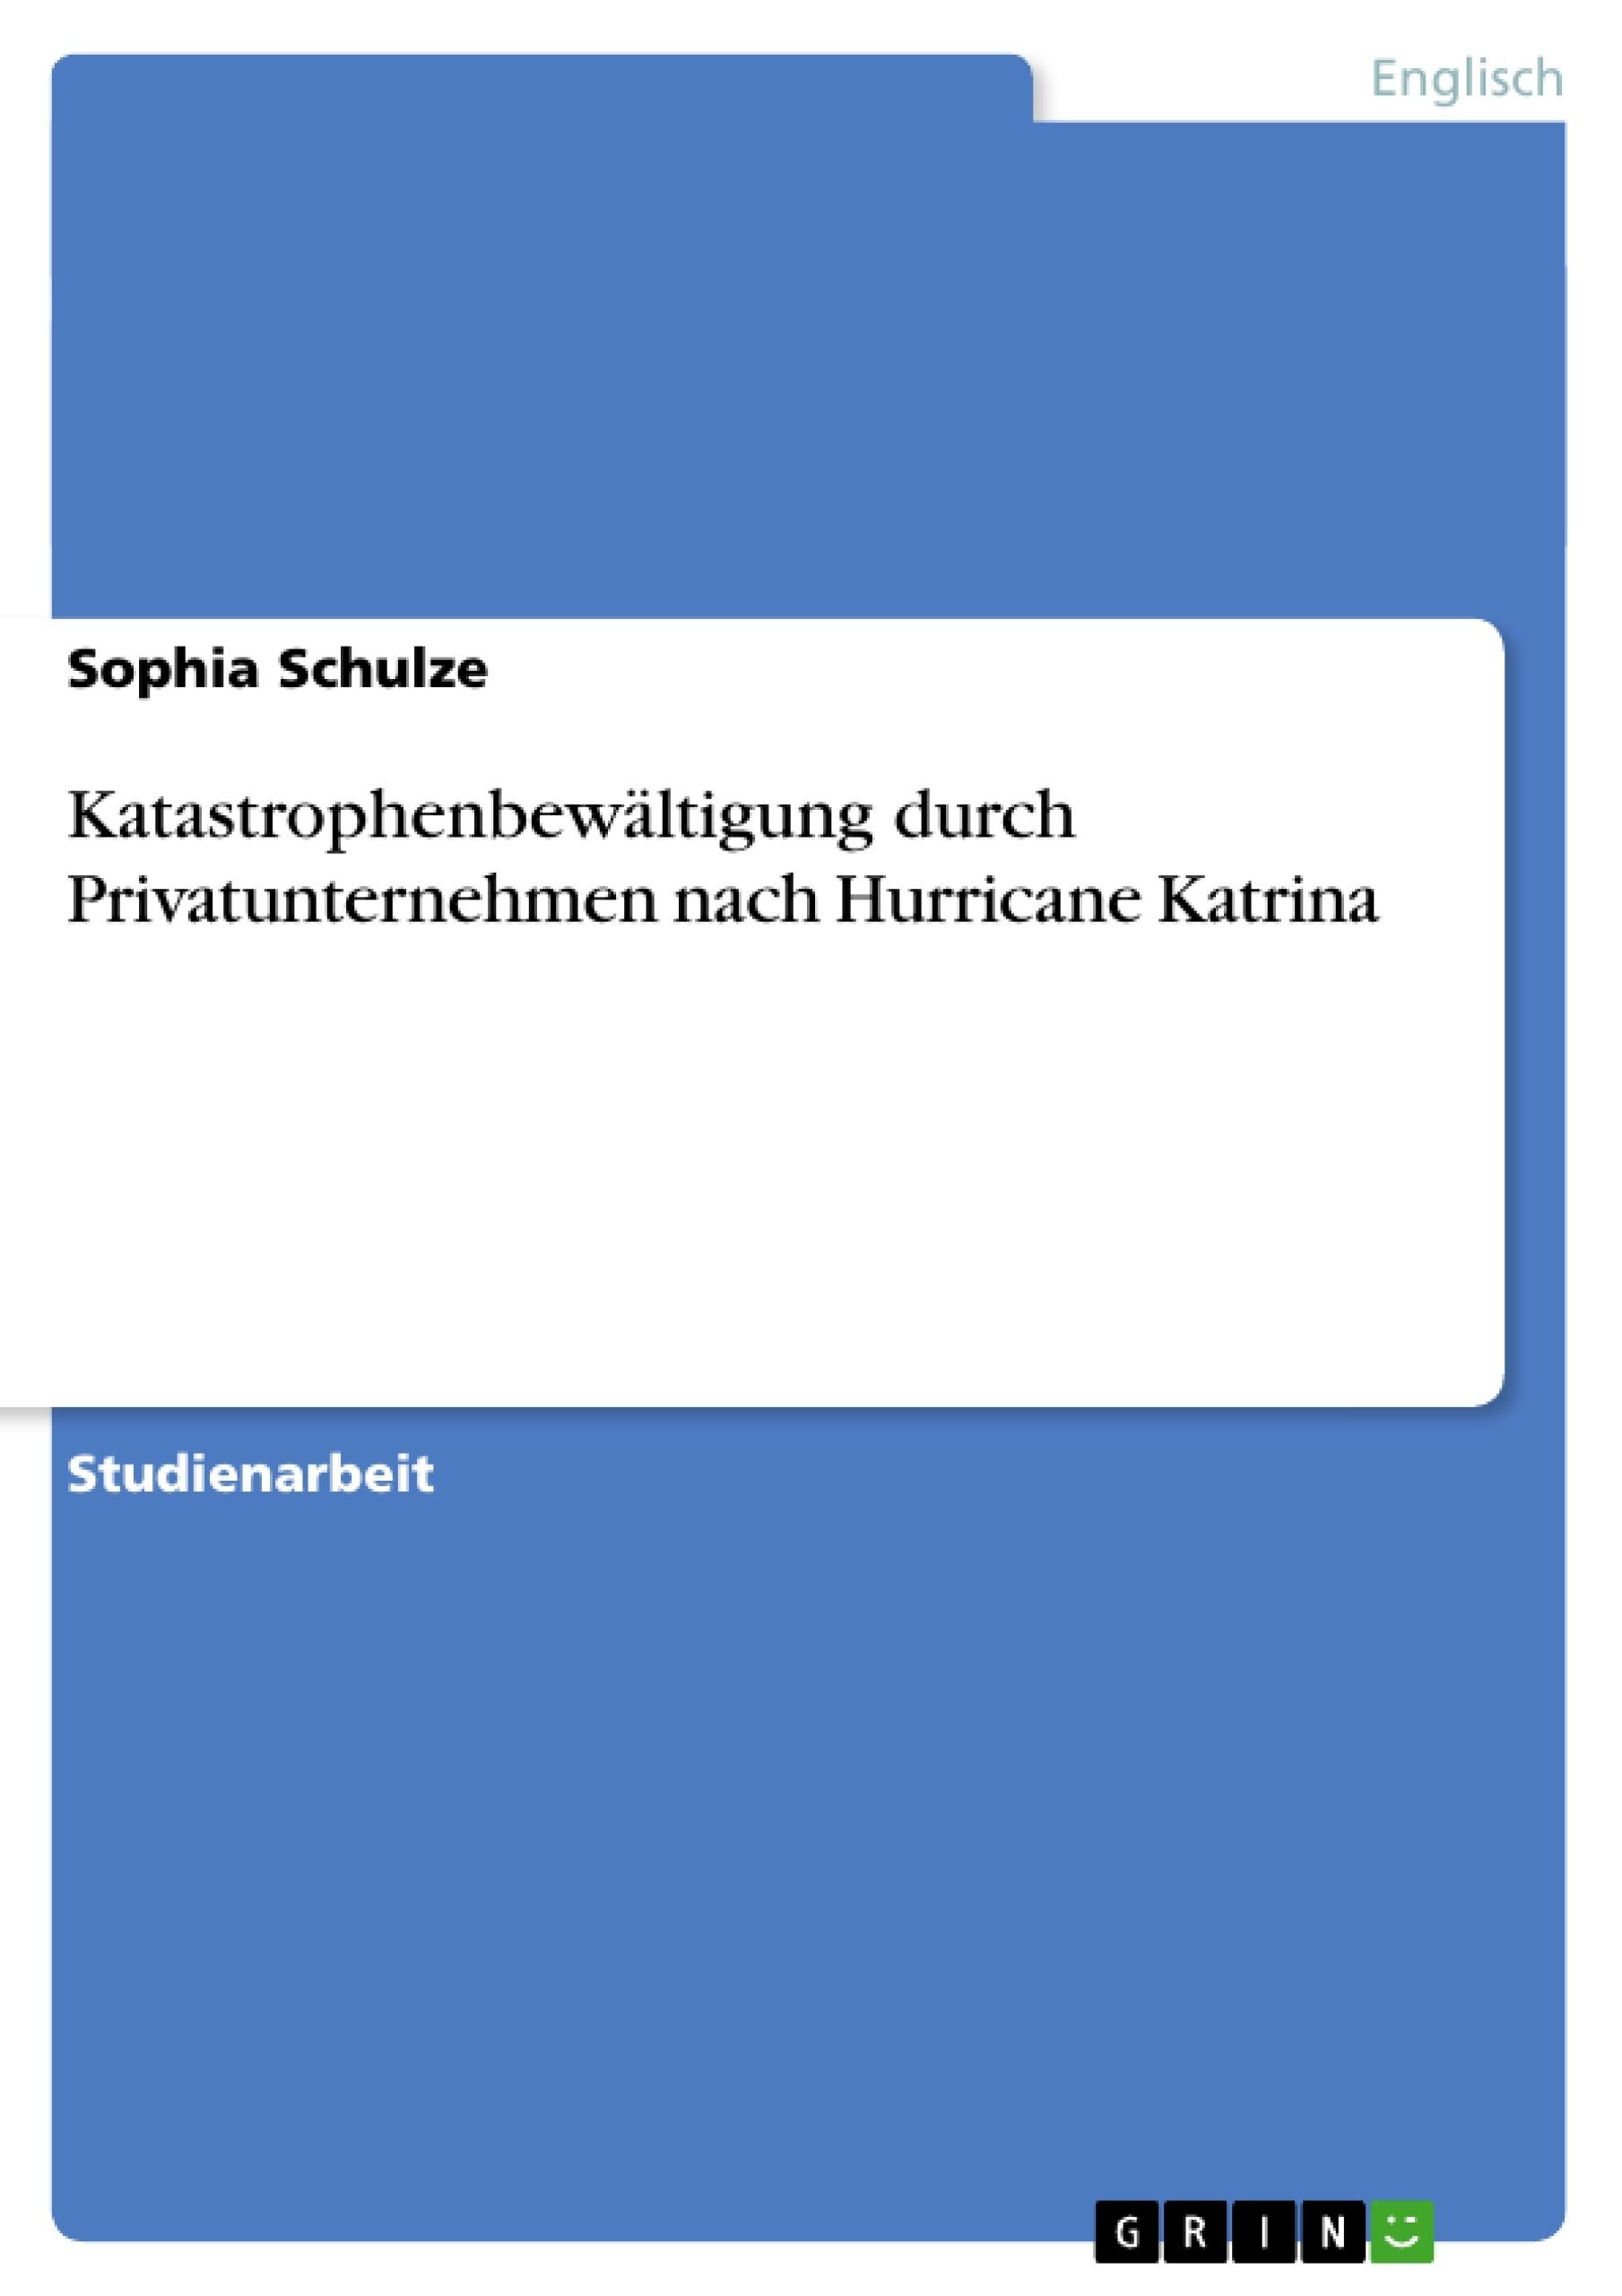 Titel: Katastrophenbewältigung durch Privatunternehmen nach Hurricane Katrina